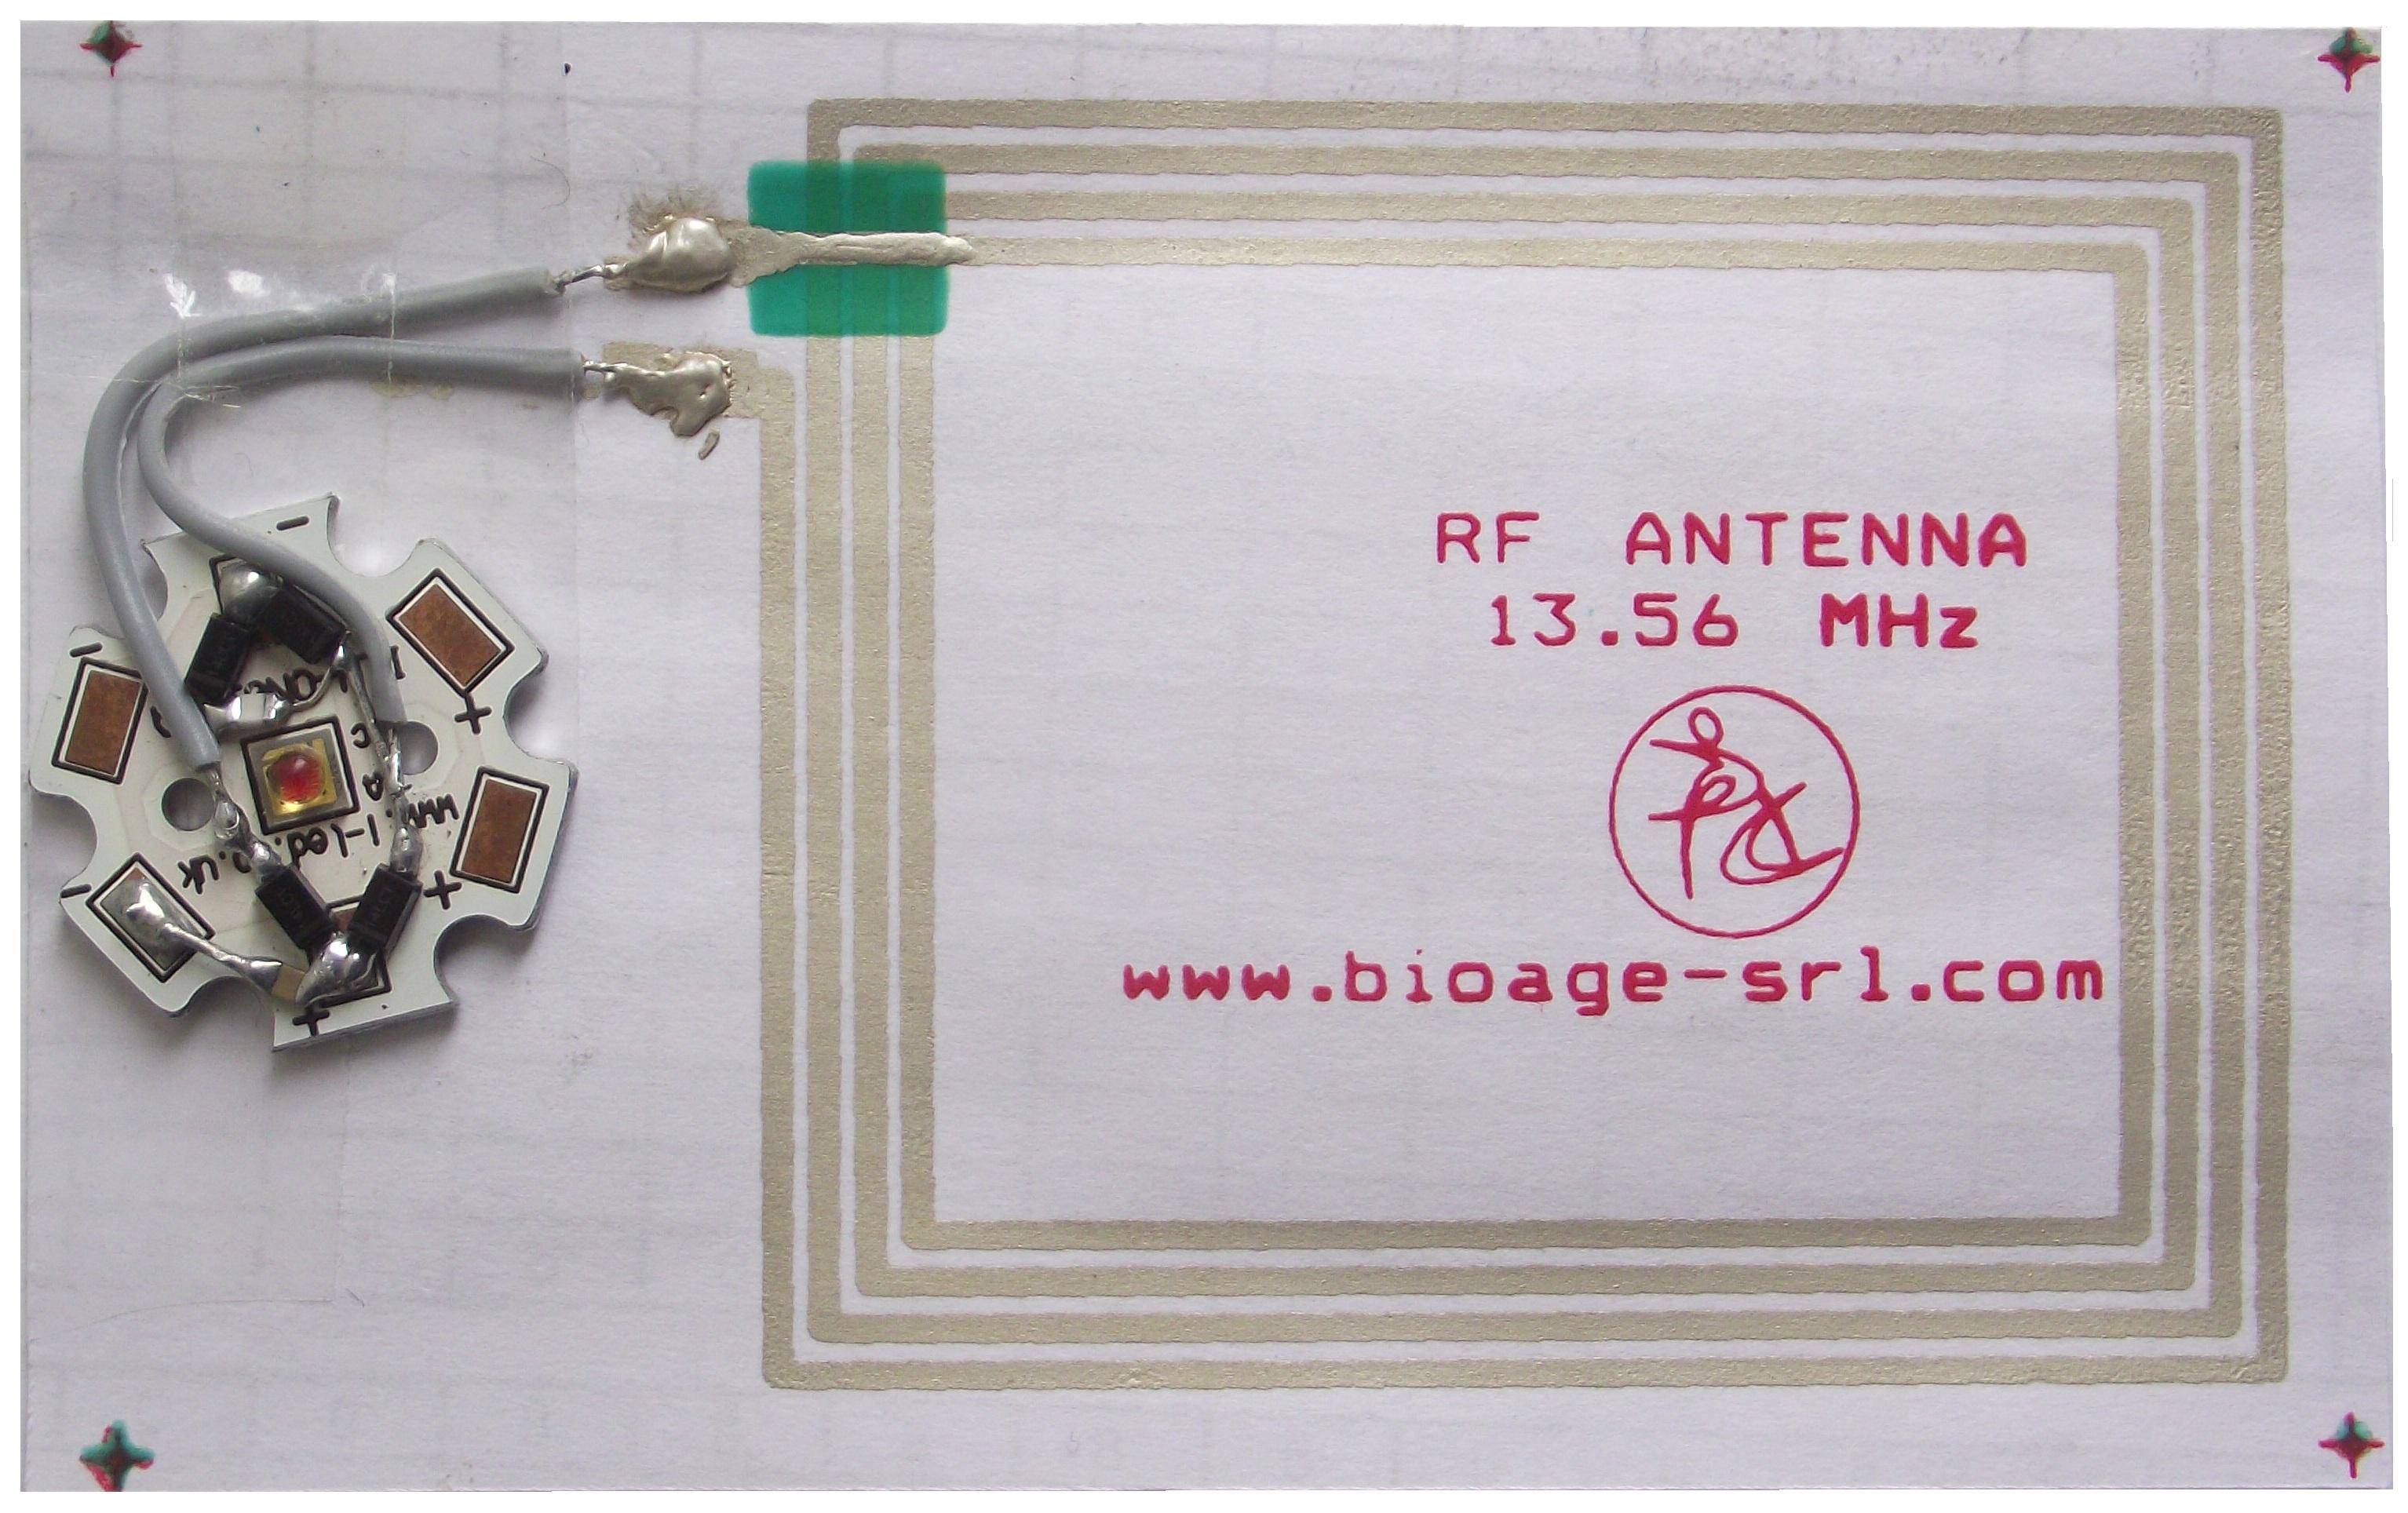 Antenna Ritagliata